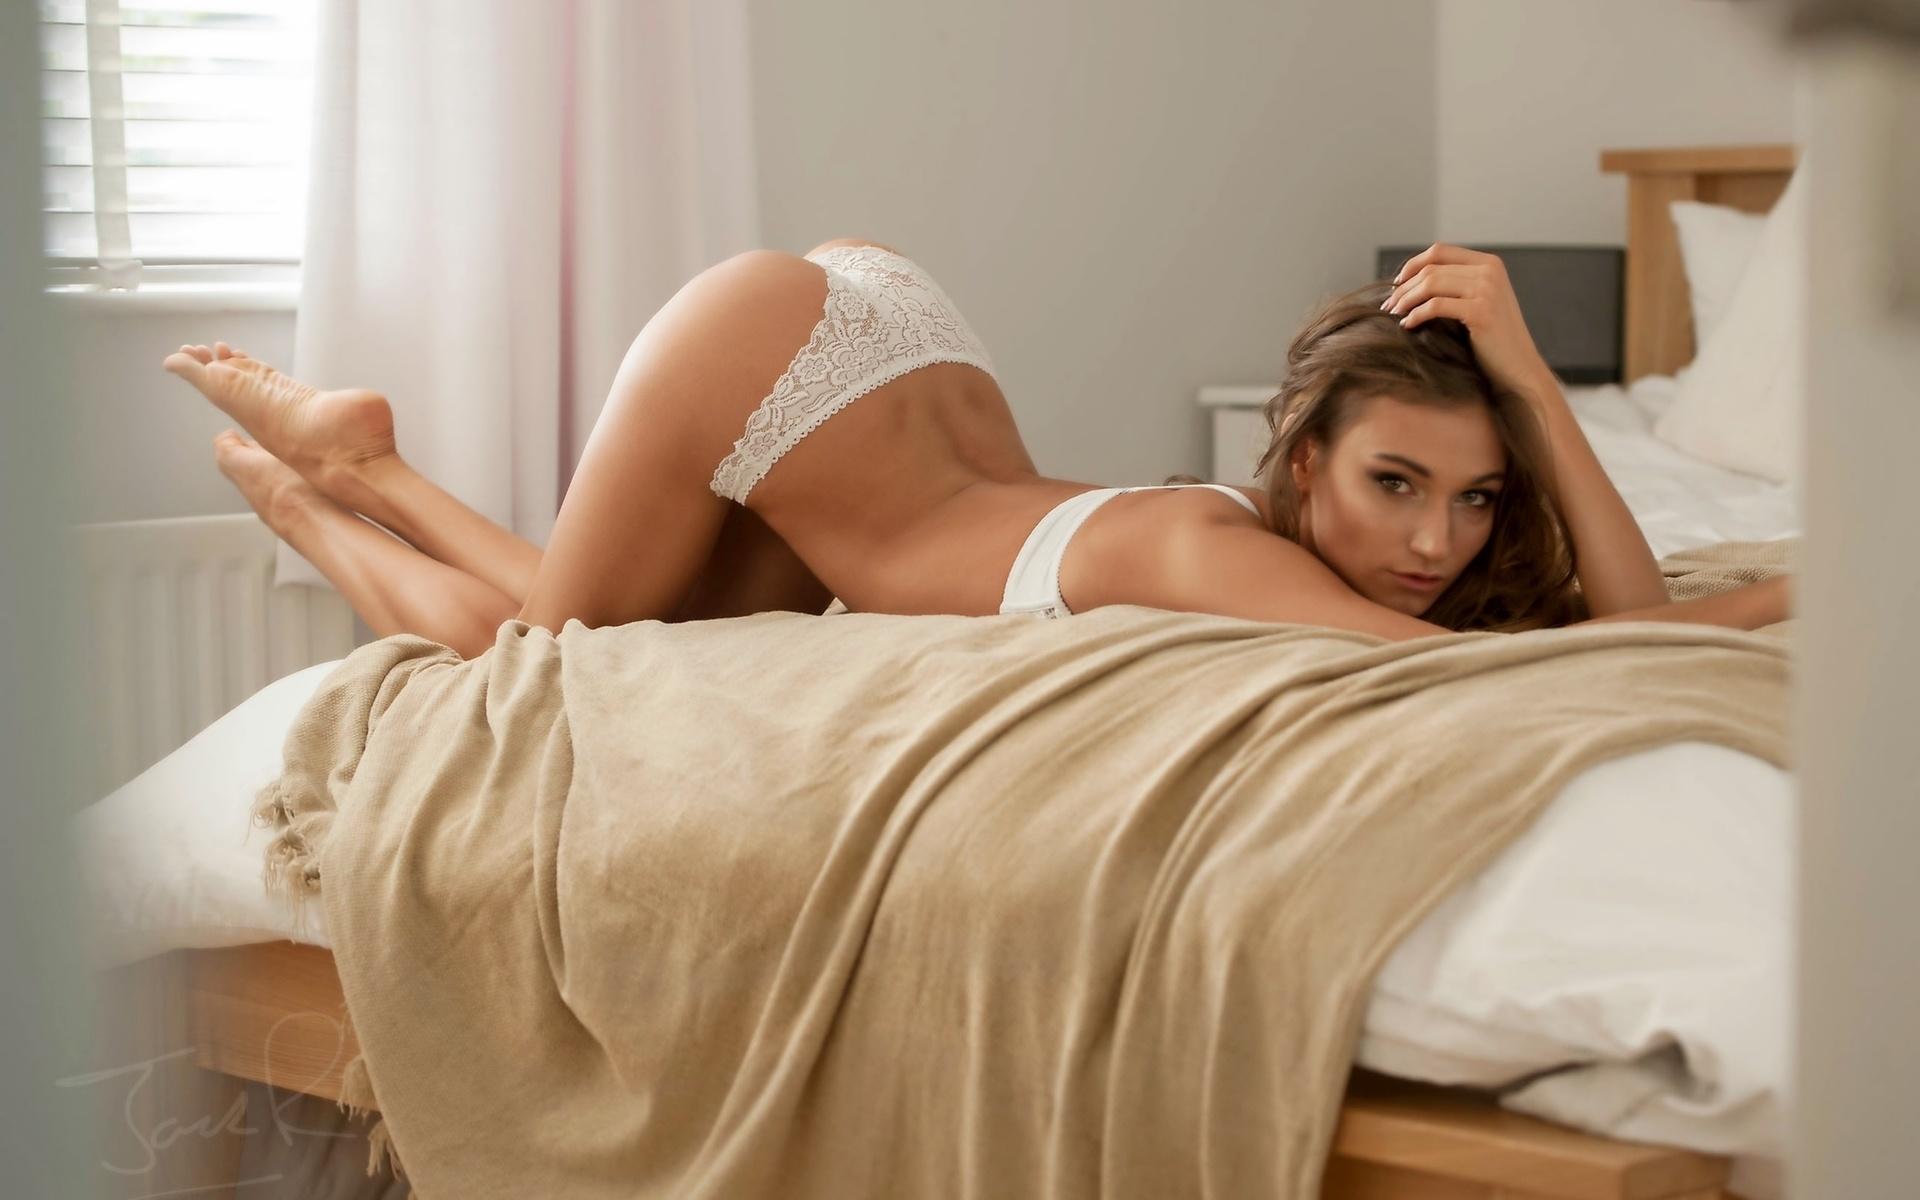 Фото попки девушек в постели, Большие задницы голых девушек в постели - Частное 18 фотография